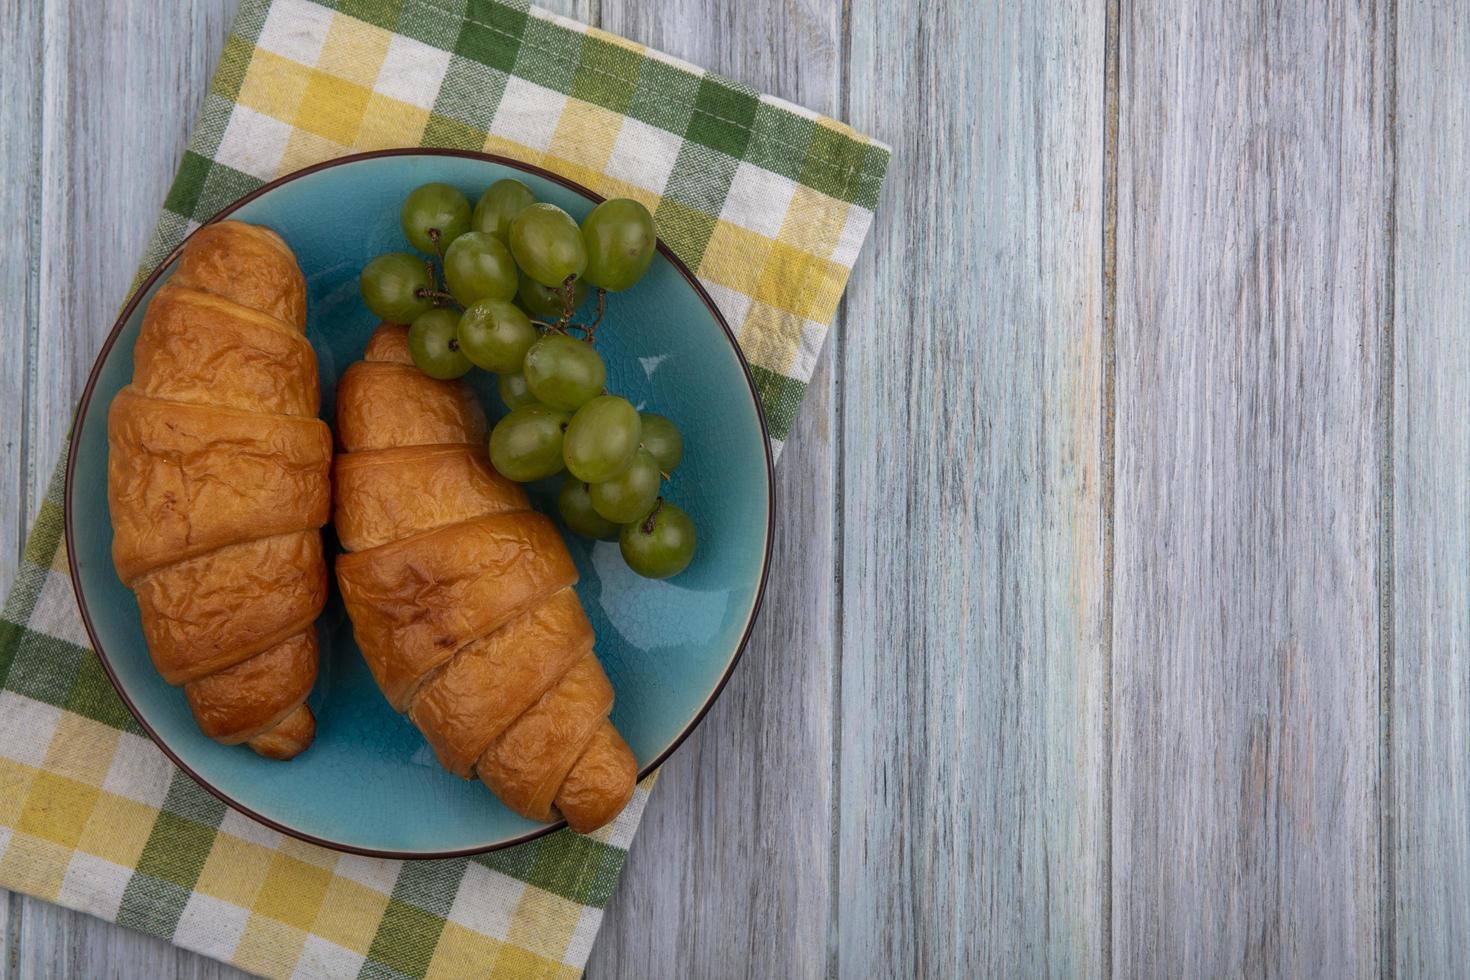 croissants y uvas en tela escocesa y fondo de madera foto